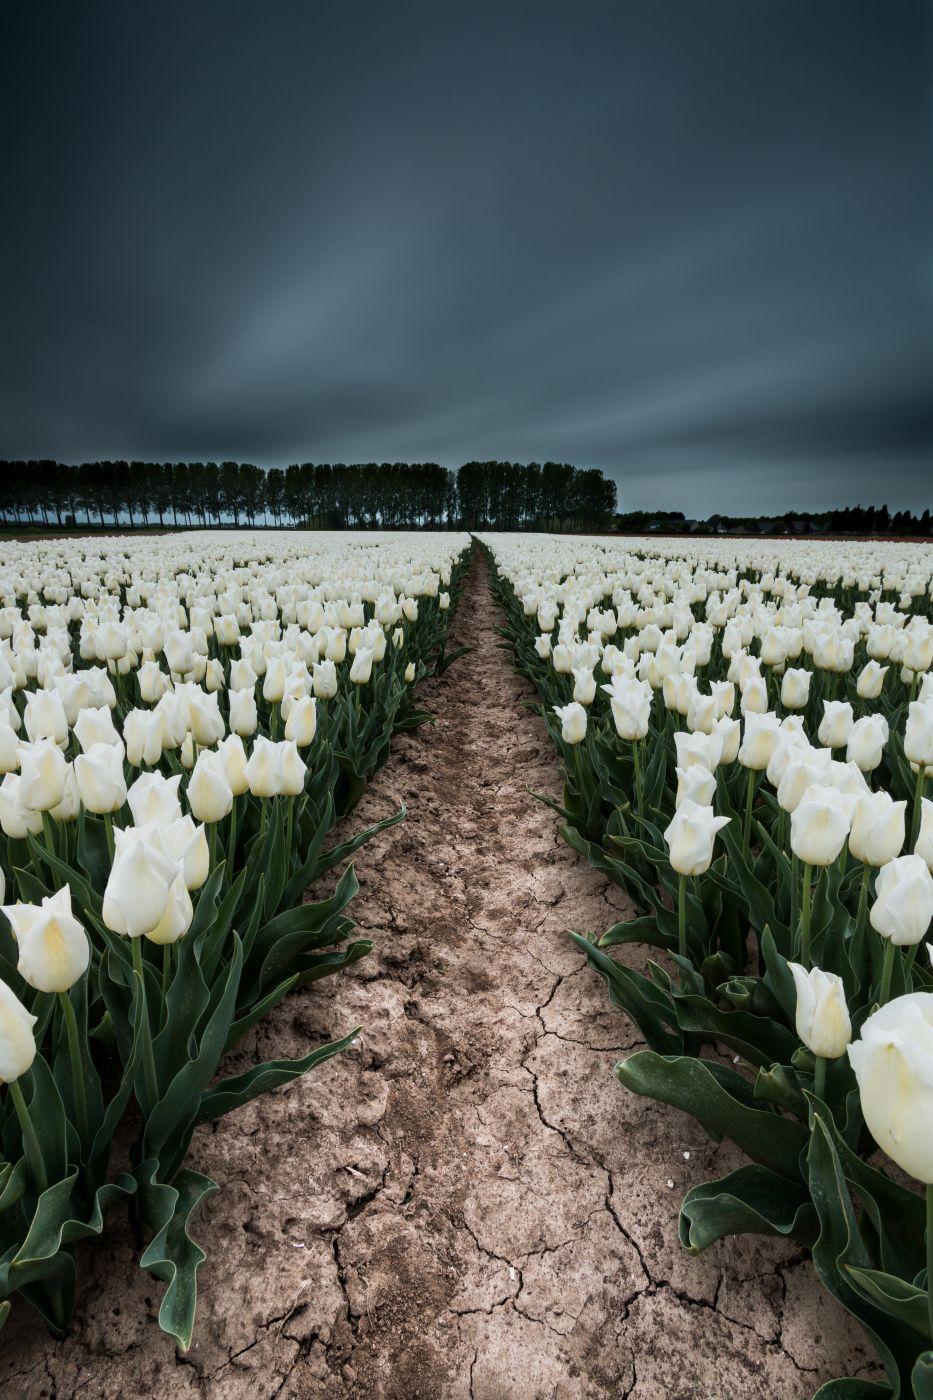 Tulip Fields in 'De Klinge', Belgium